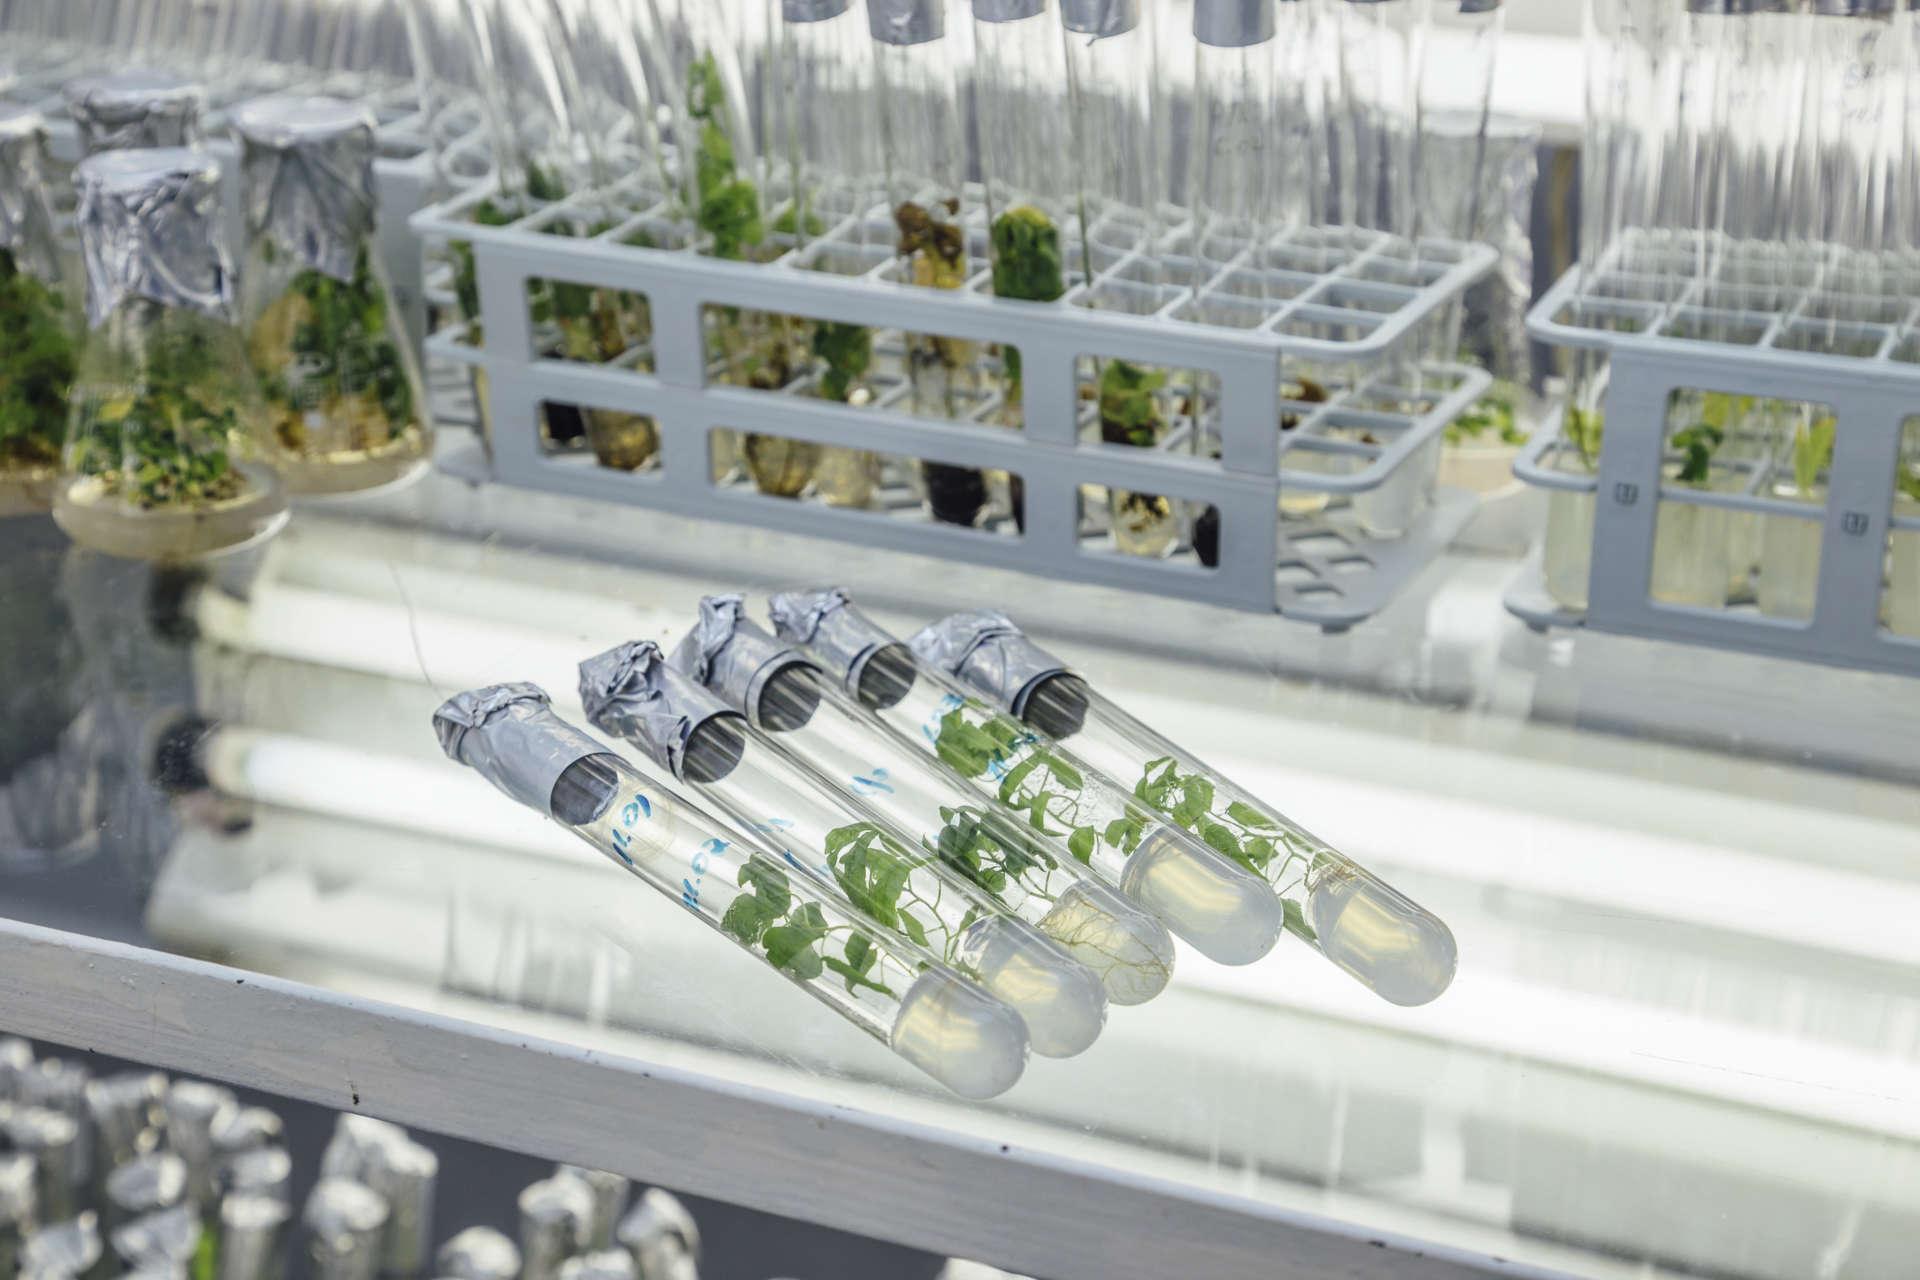 Fascinerande forskning. CRISPR. Gensaxar ändrar DNA. Bioresurs. Bioresursdagarna 2018. Praktiska försök och laborationer. Genteknik i skolan.